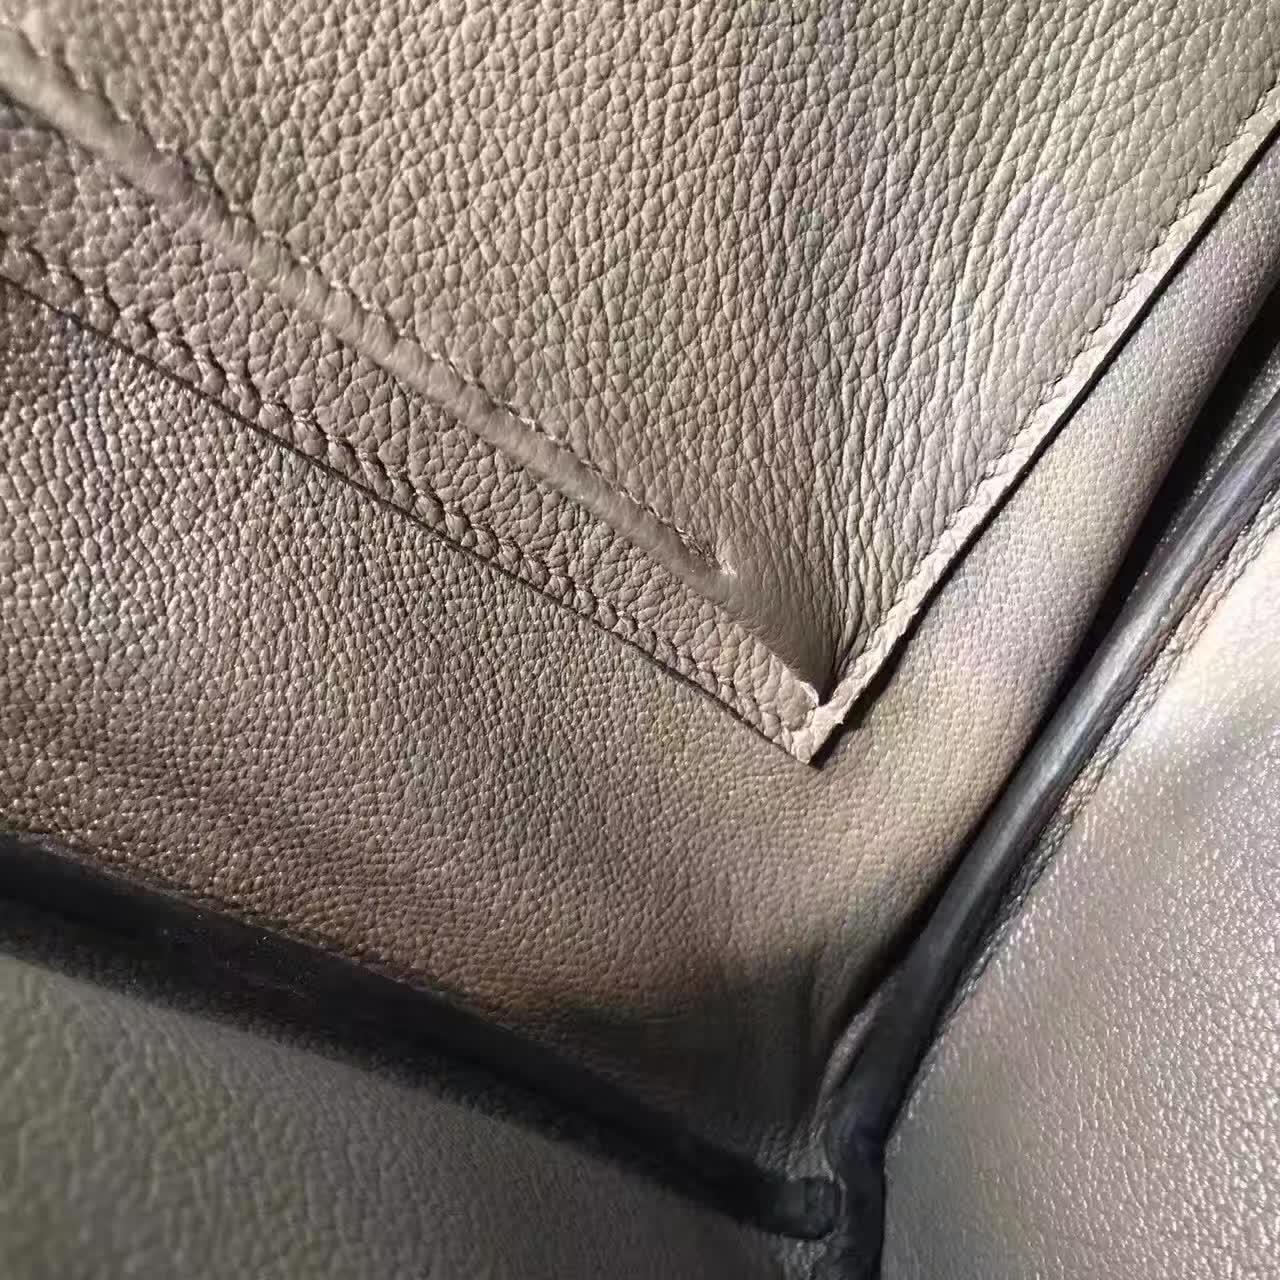 爱马仕全球放货 铂金包 Birkin 30cm 法国原产epsom皮 蜡线手缝